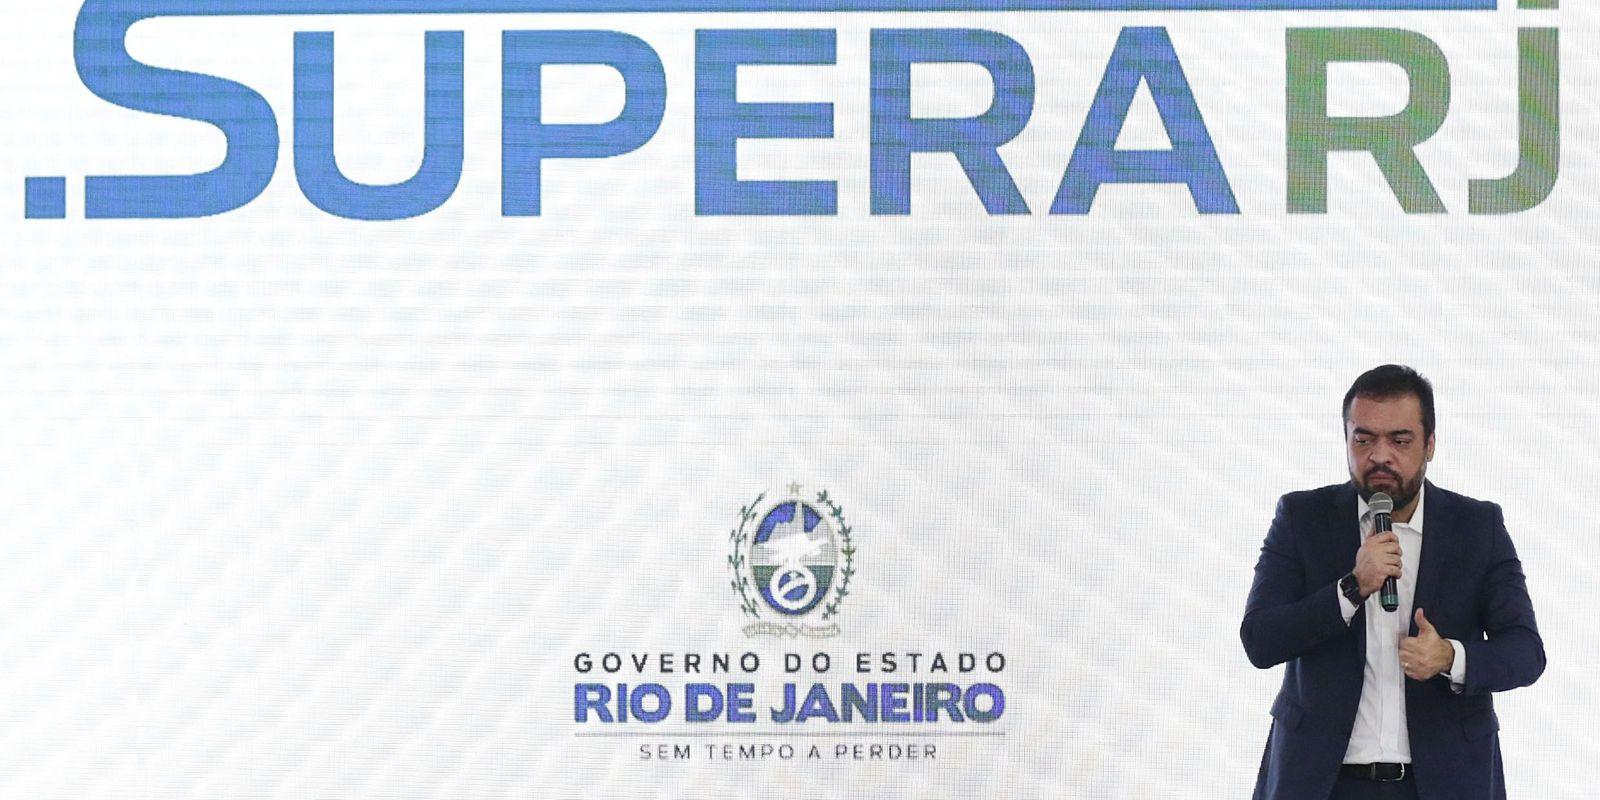 SUPERA RJ Rio de Janeiro 02/06/2021 - Lançamento do Programa SuperaRJ.Fotos Rafael Campos